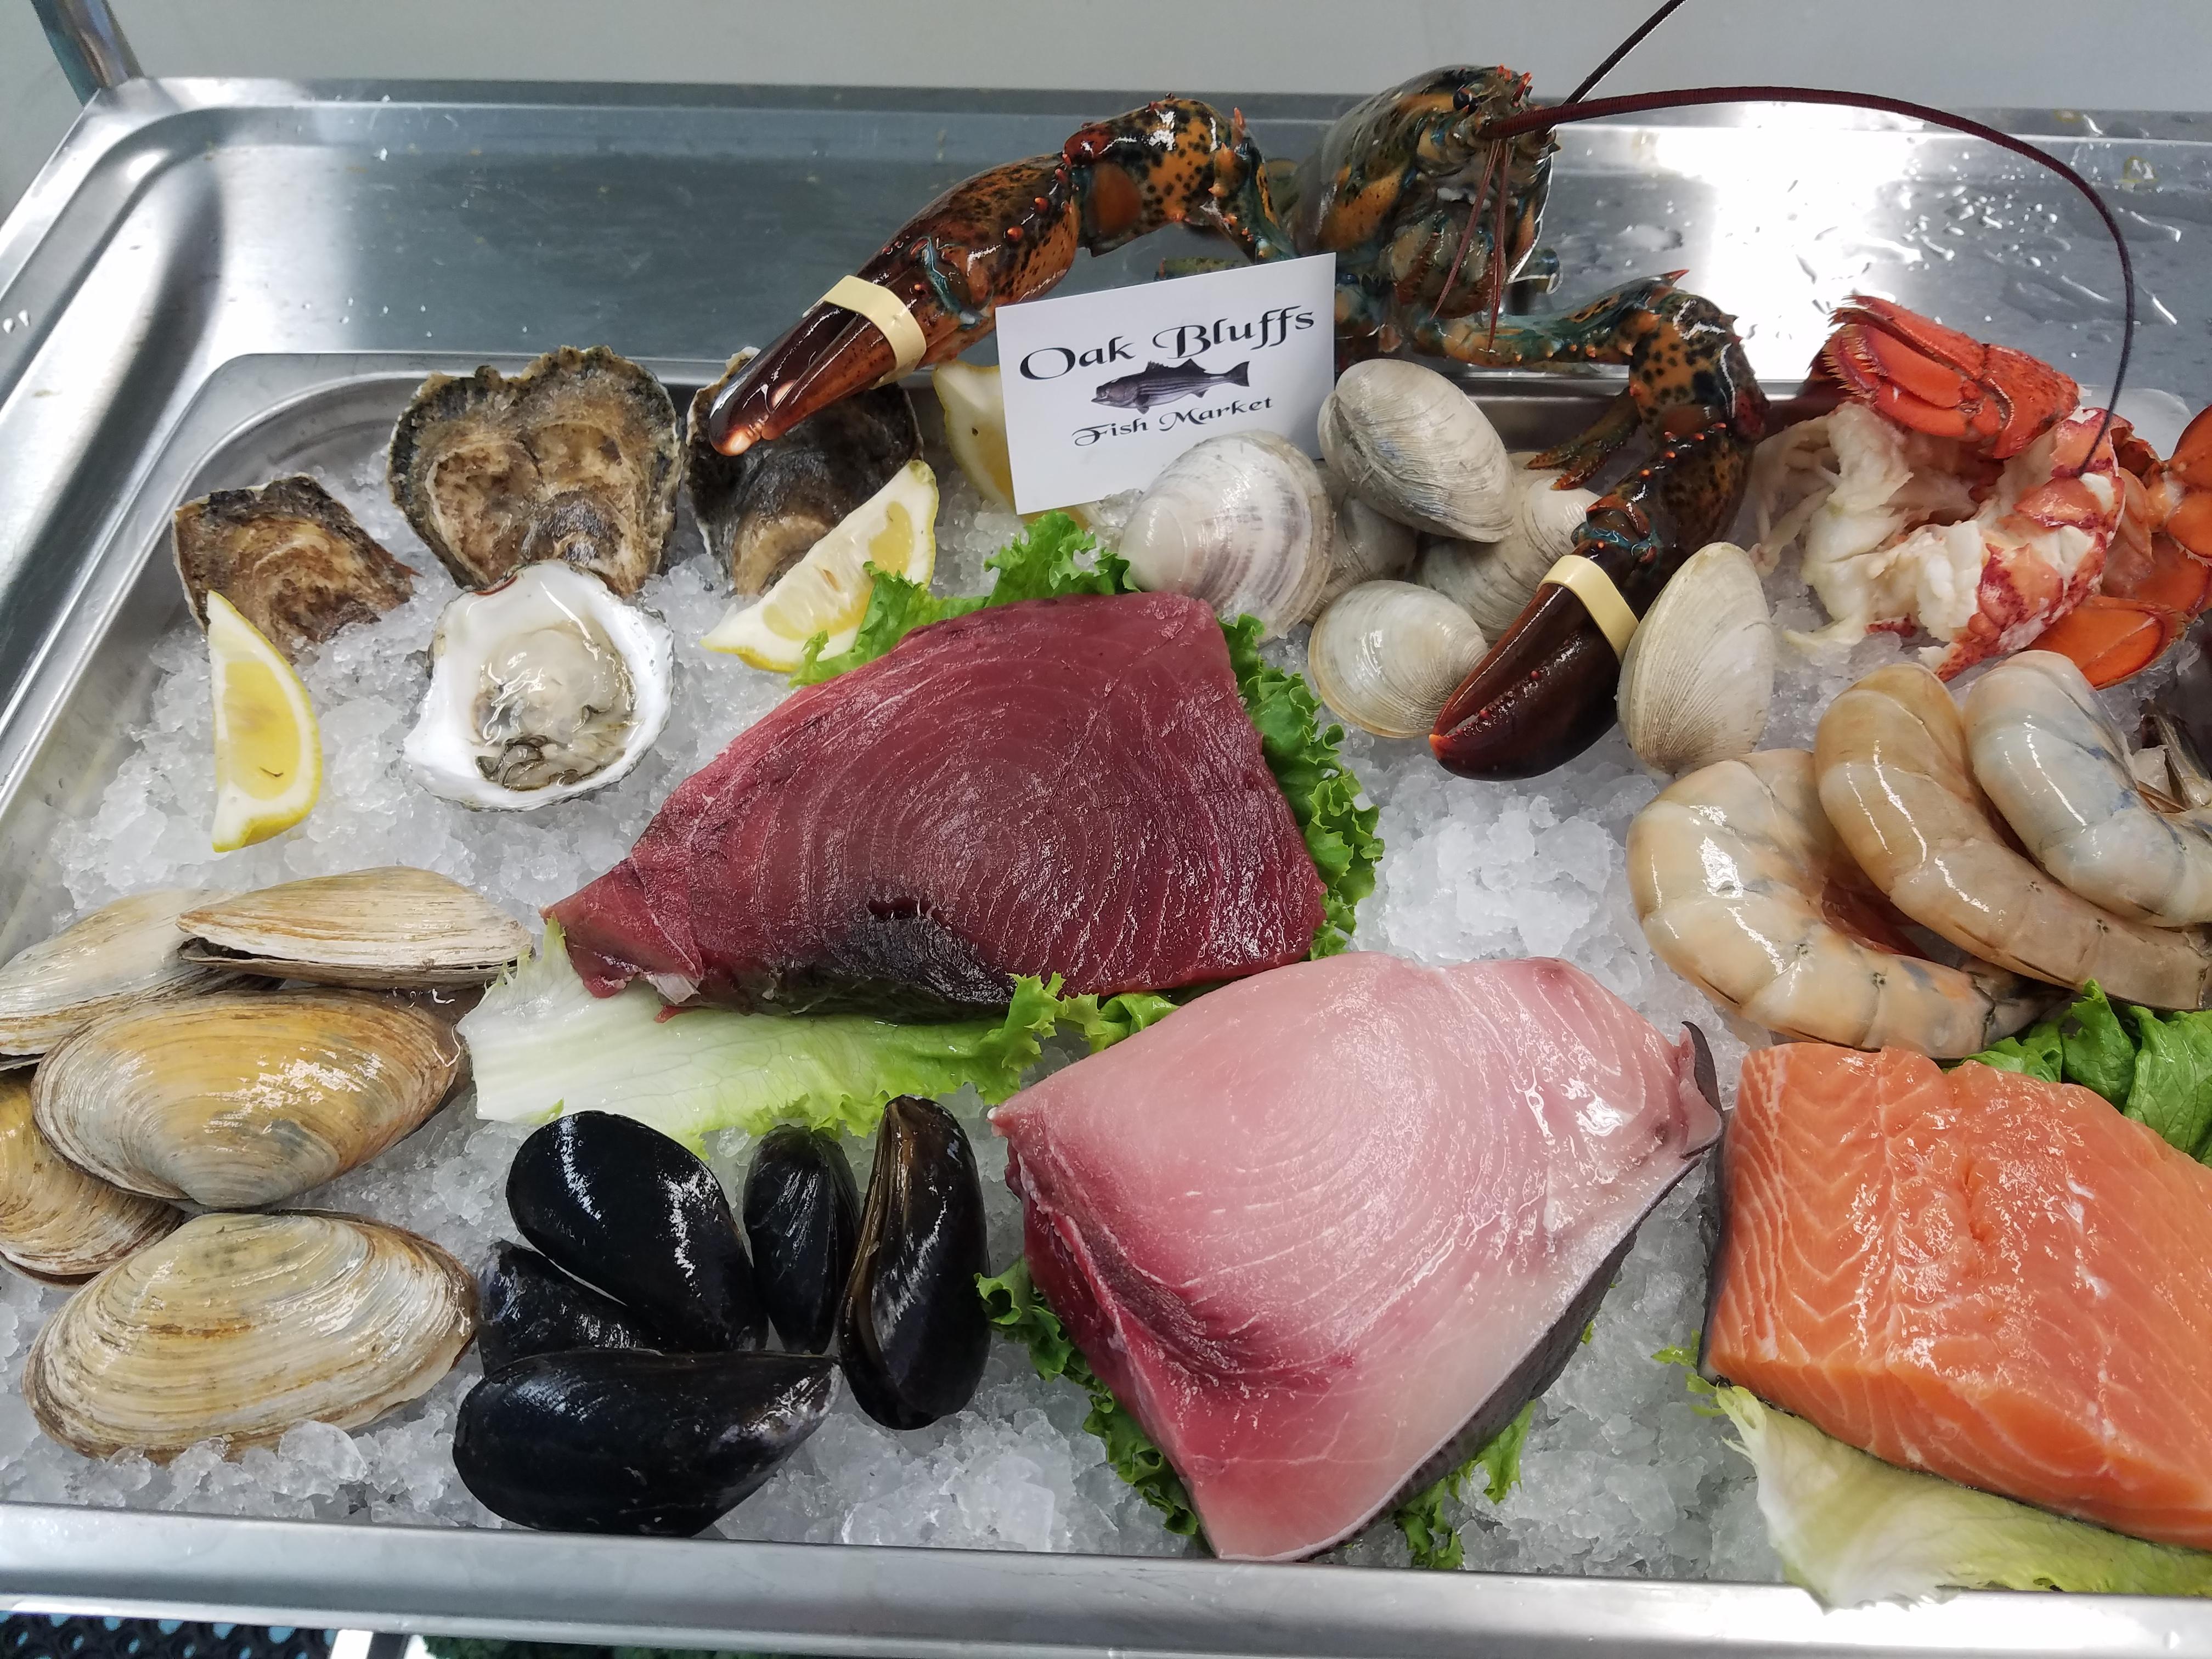 Mmmm seafood...